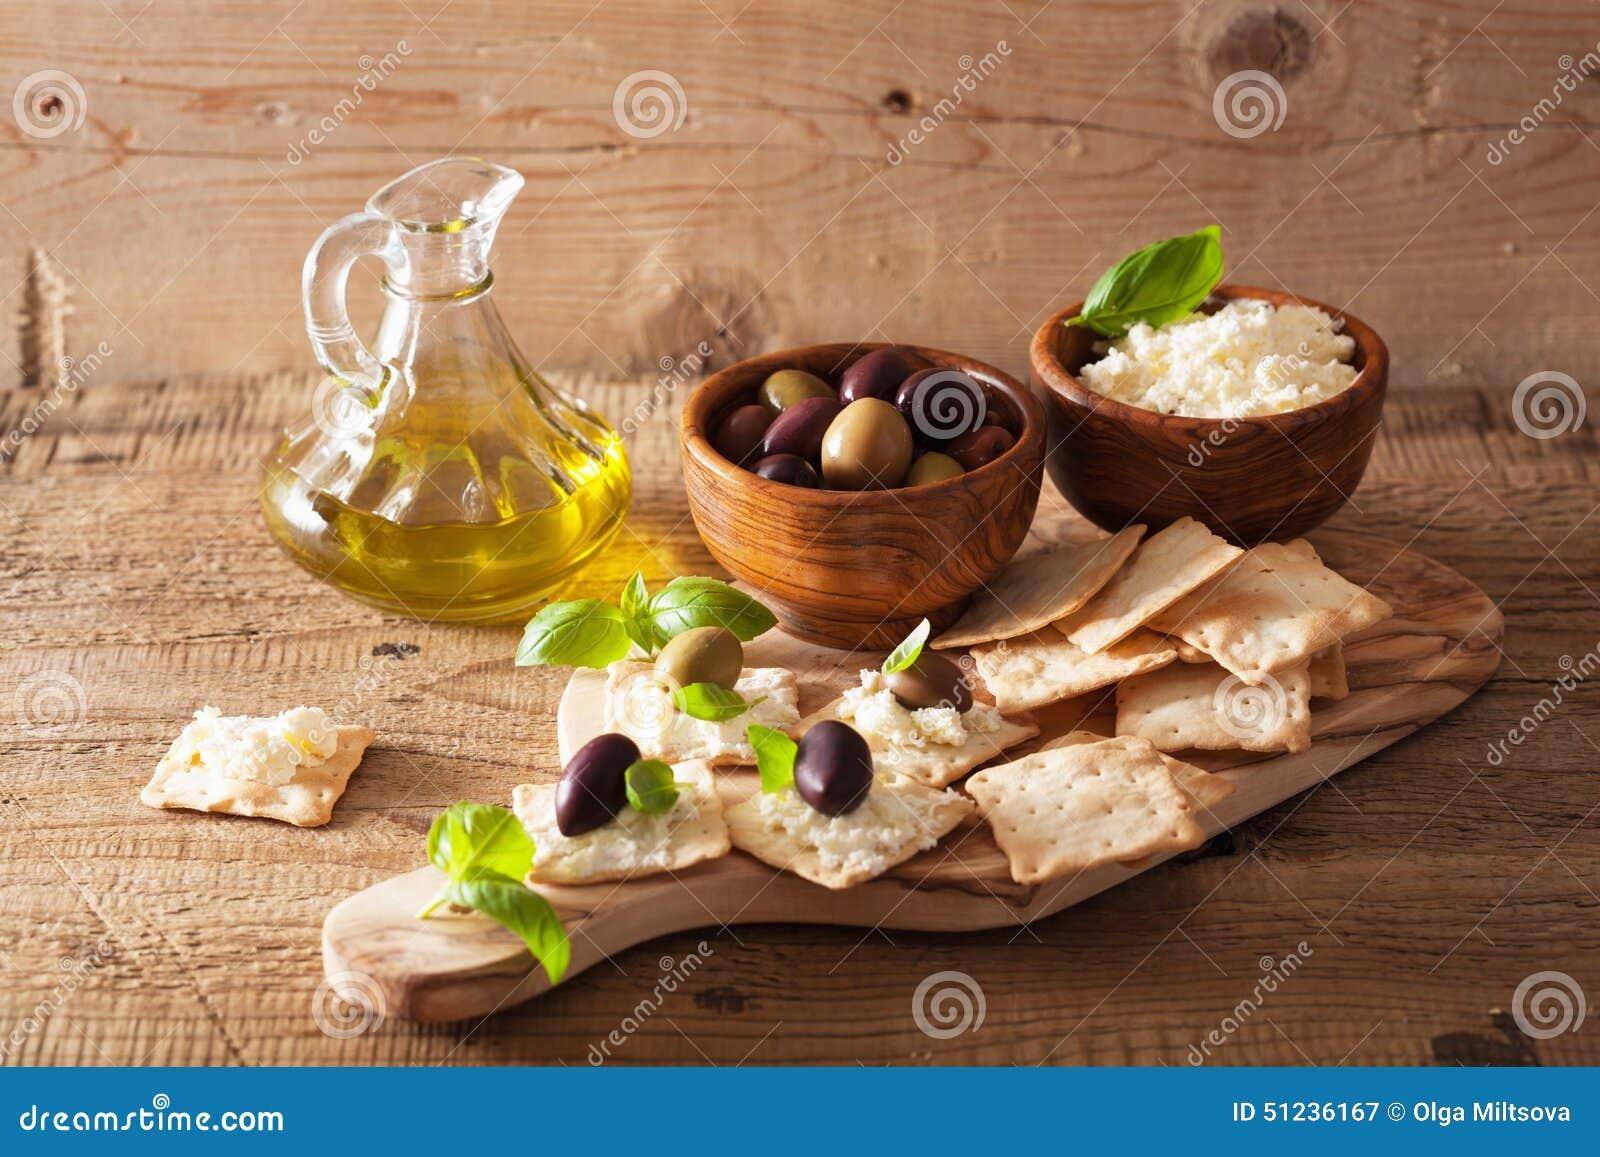 crackers met zachte kaas en olijven gezond voorgerecht stock